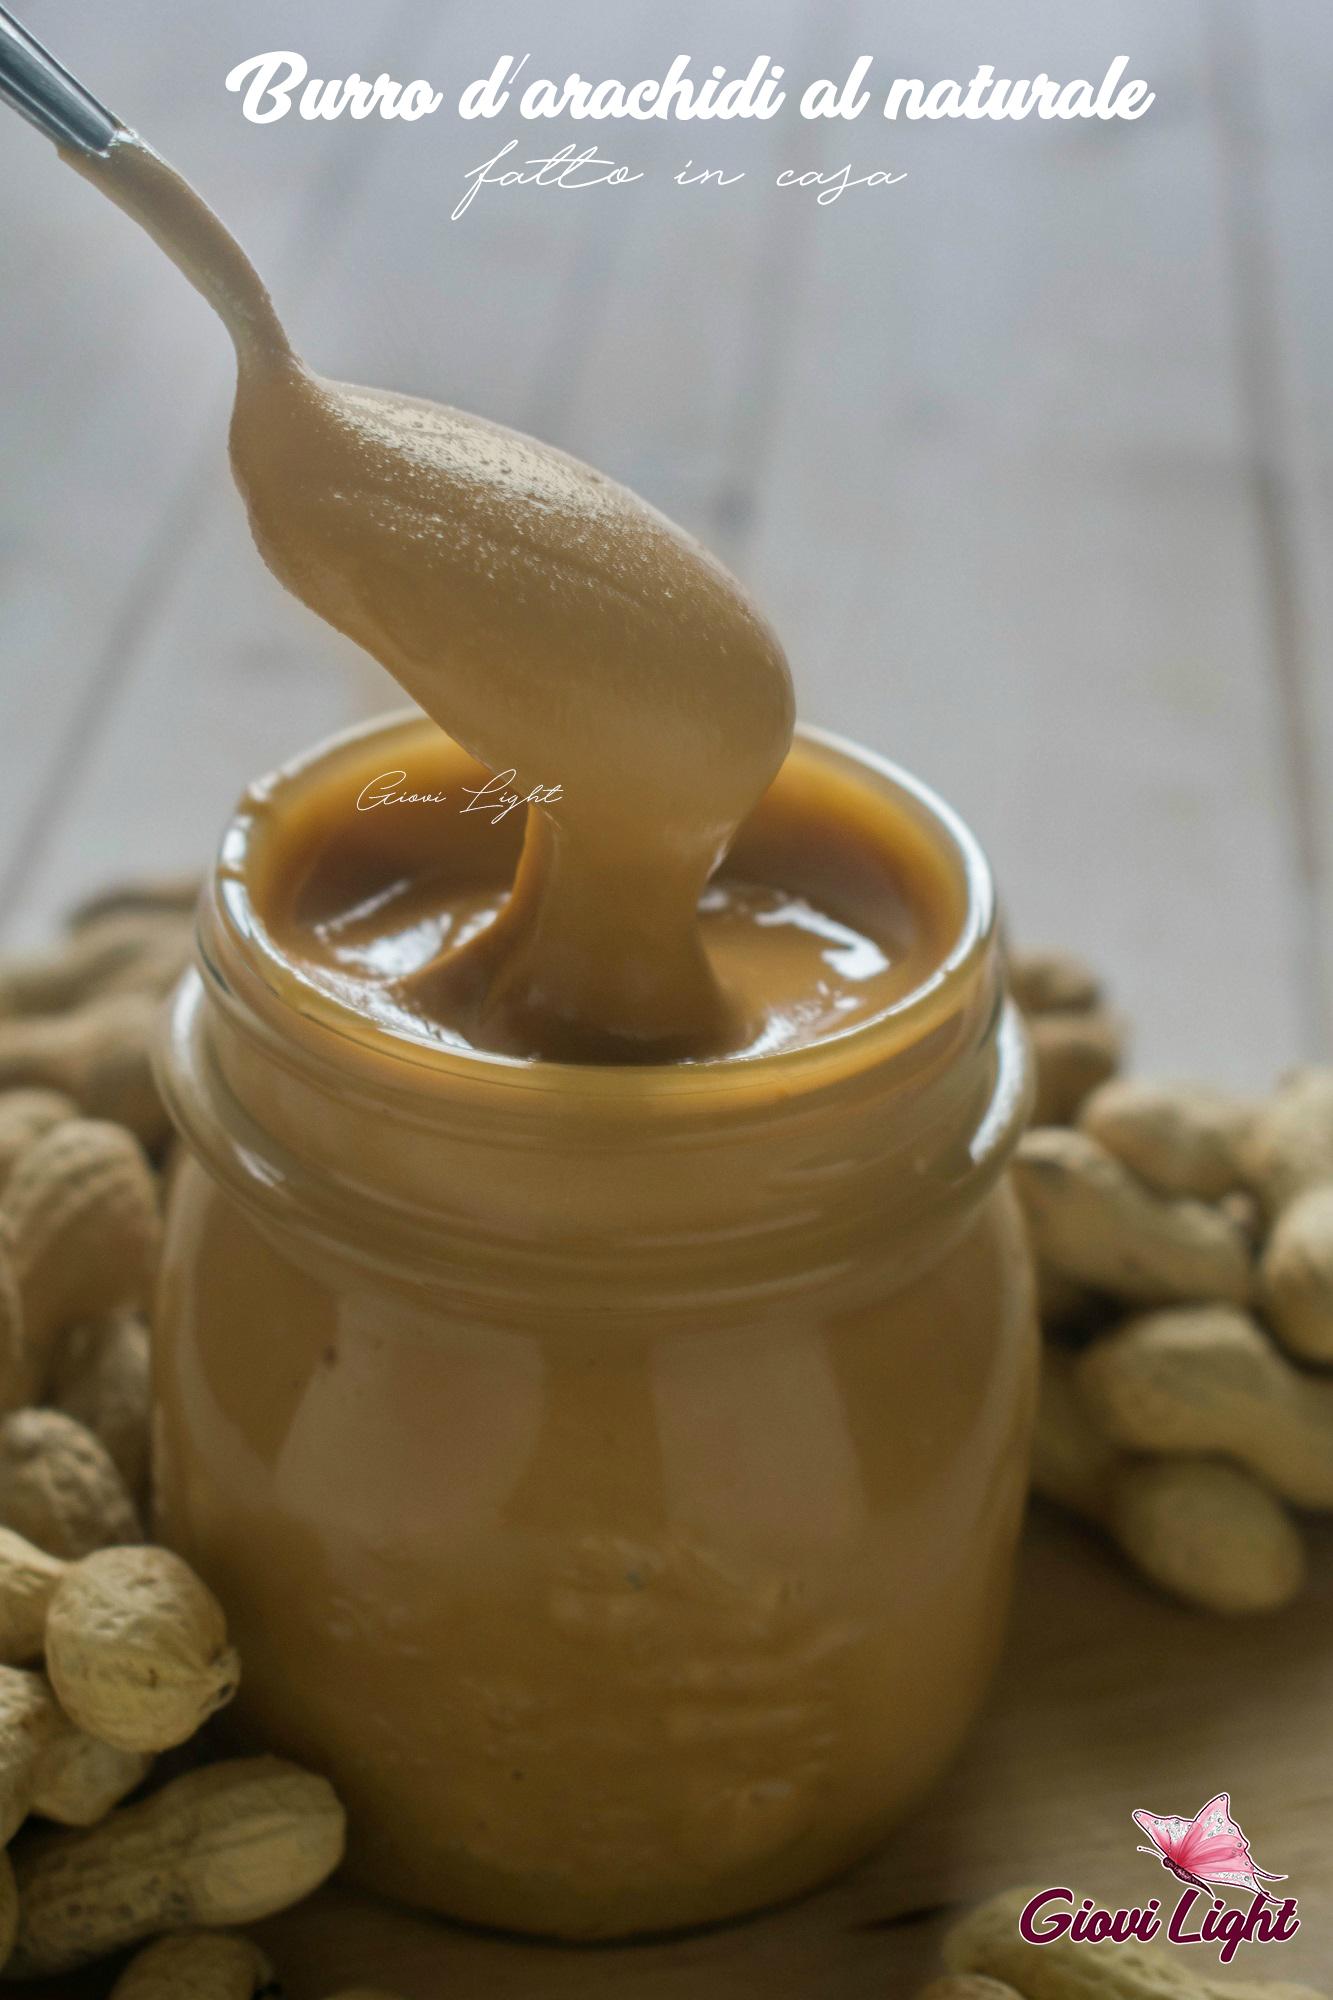 Burro d'arachidi al naturale fatto in casa